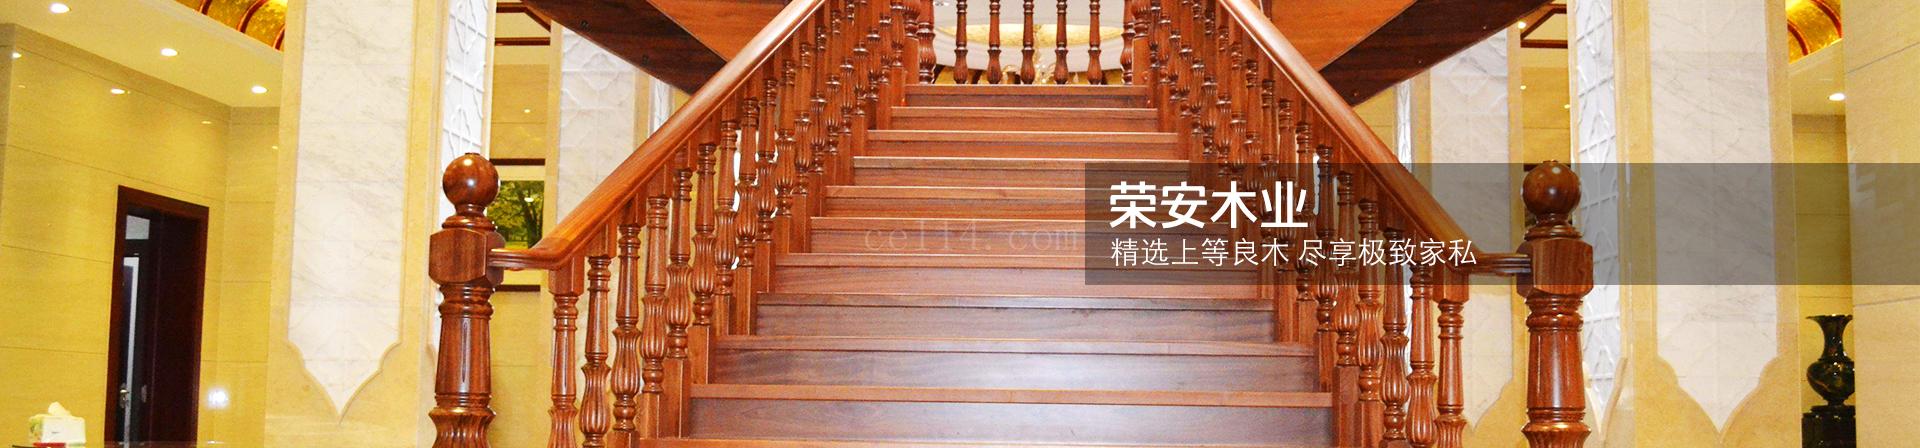 公司简介-福州荣安木业有限公司